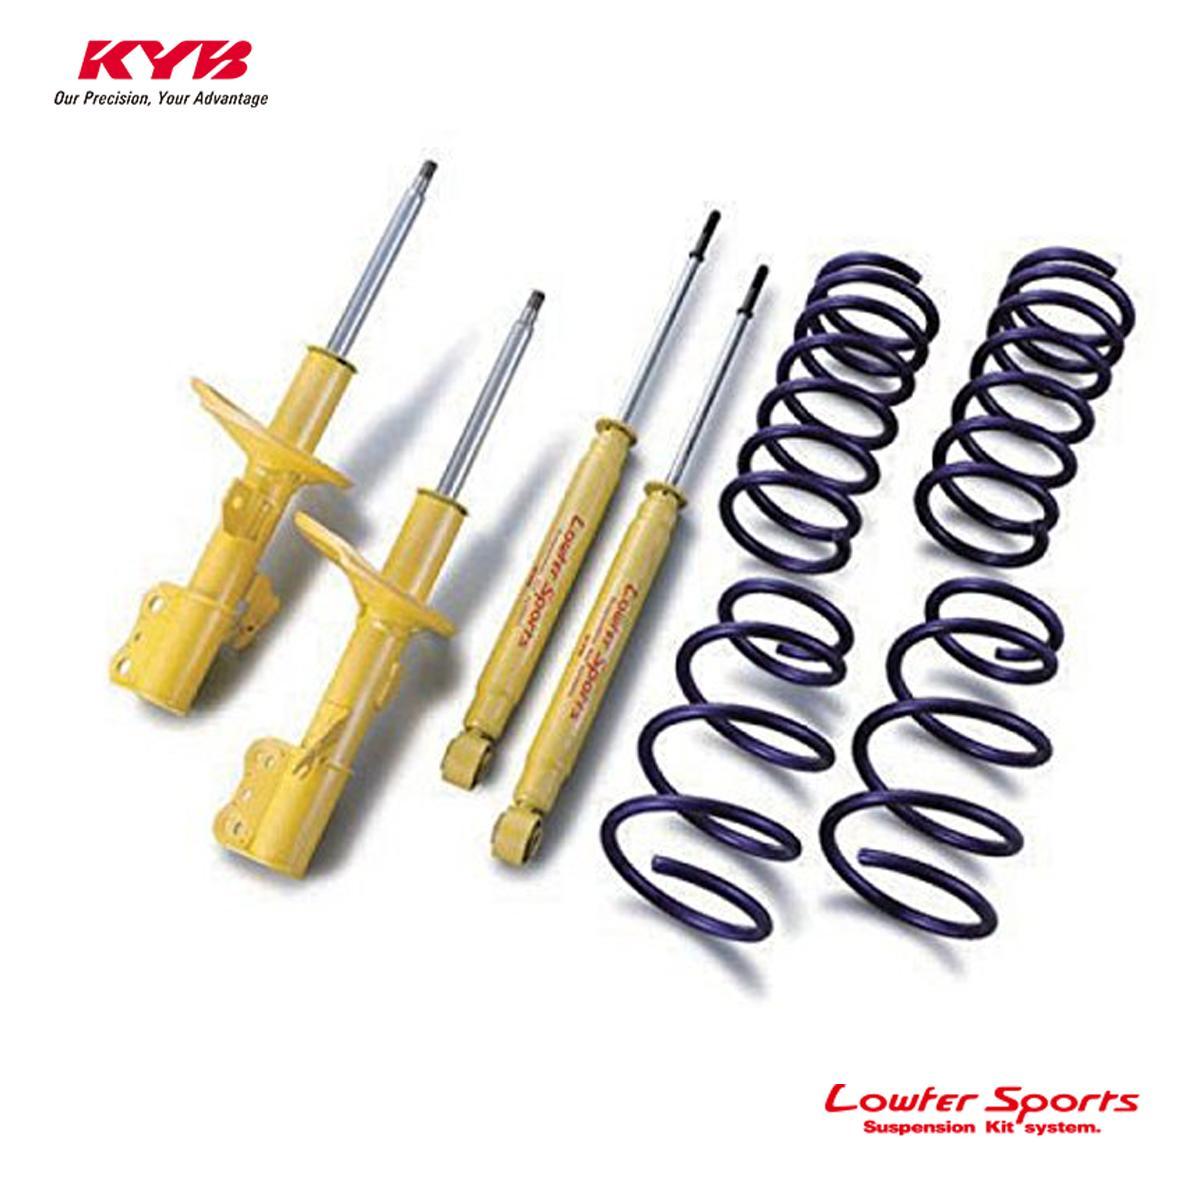 KYB カヤバ エスティマL ACR30W ショックアブソーバー サスペンションキット Lowfer Sports LKIT-ACR30W 配送先条件有り